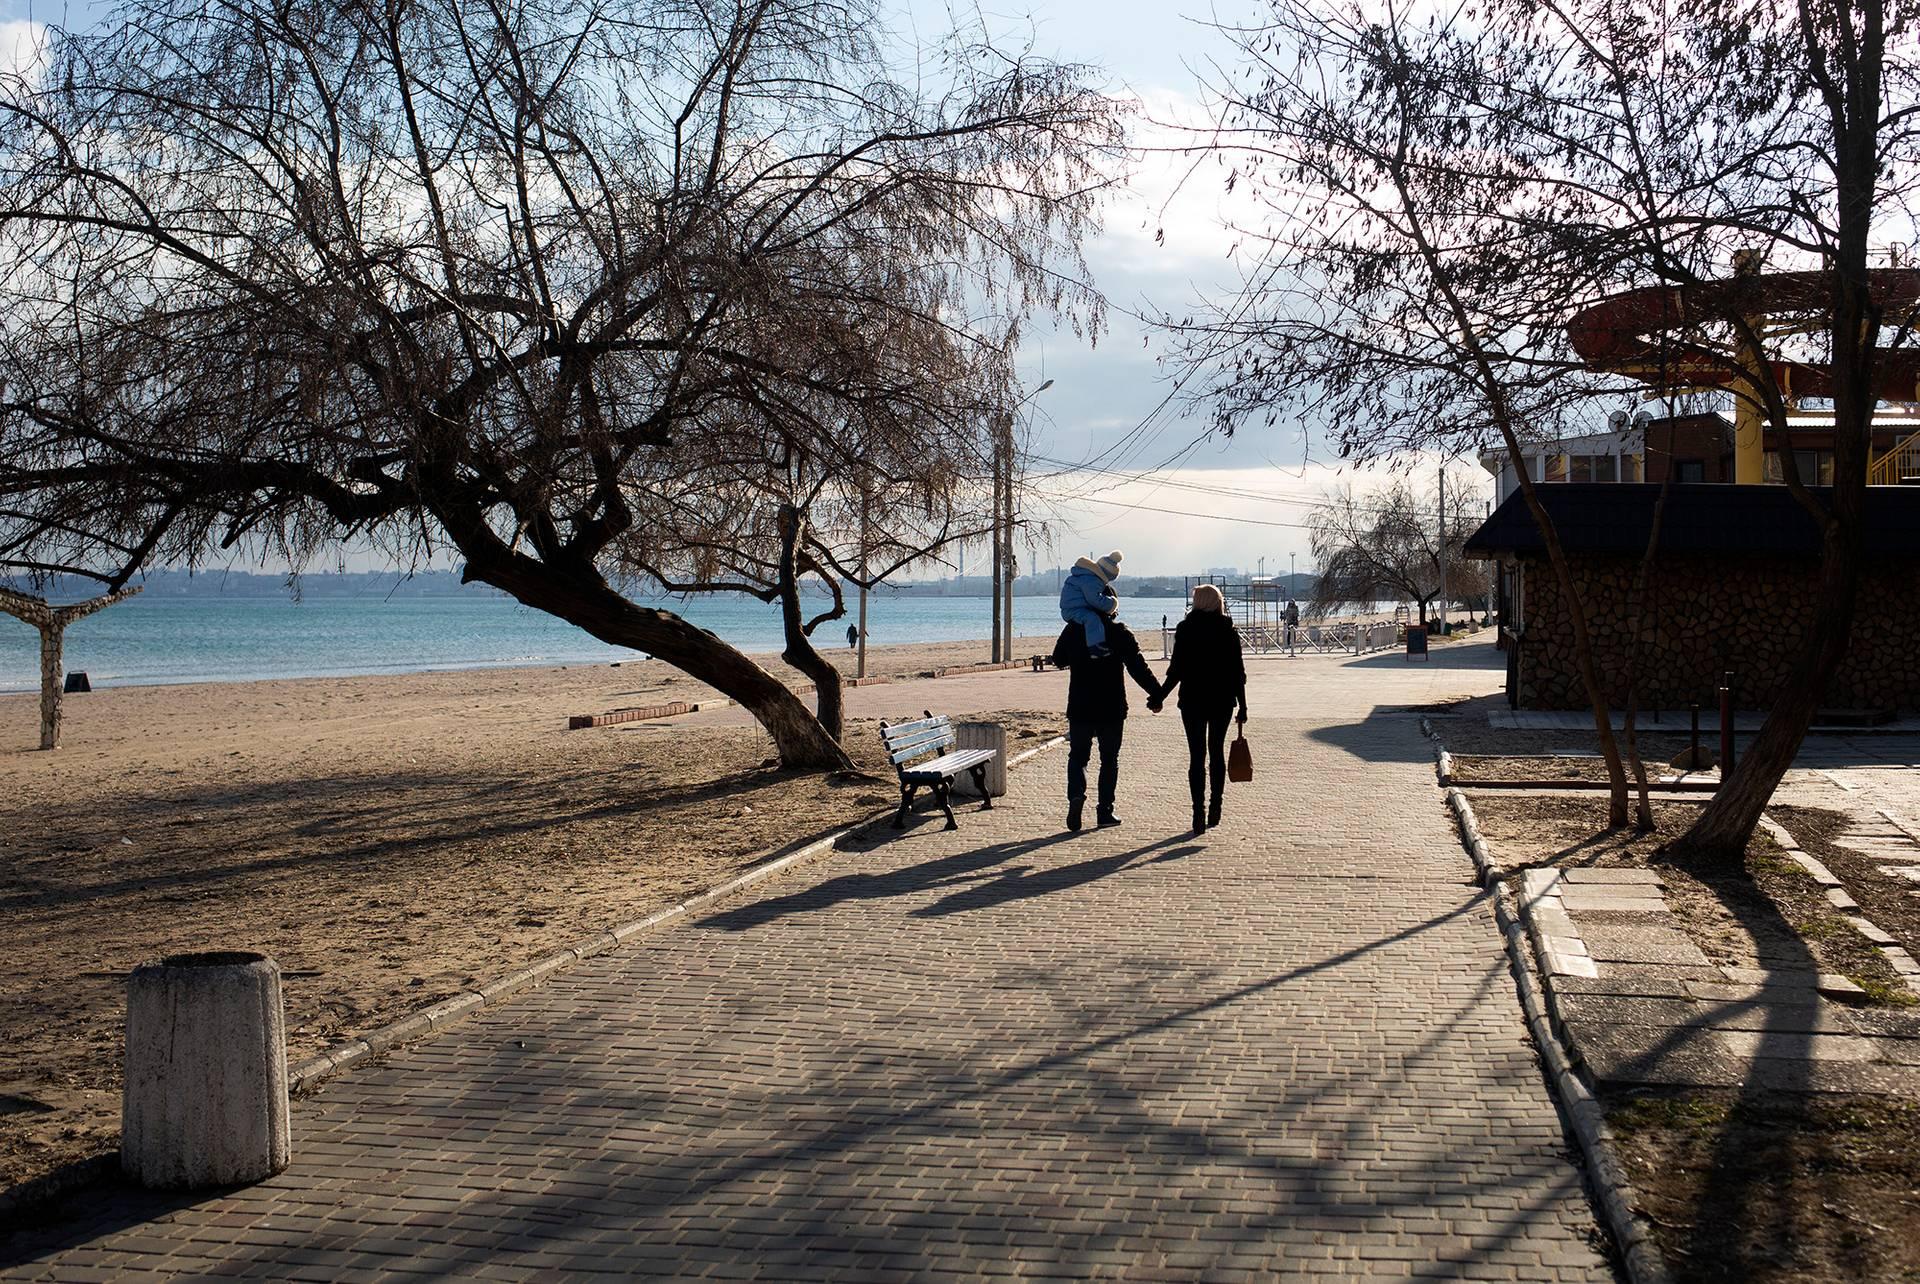 Паша з дружиною Юлею і сином, Одеса, 2 березня 2019 року